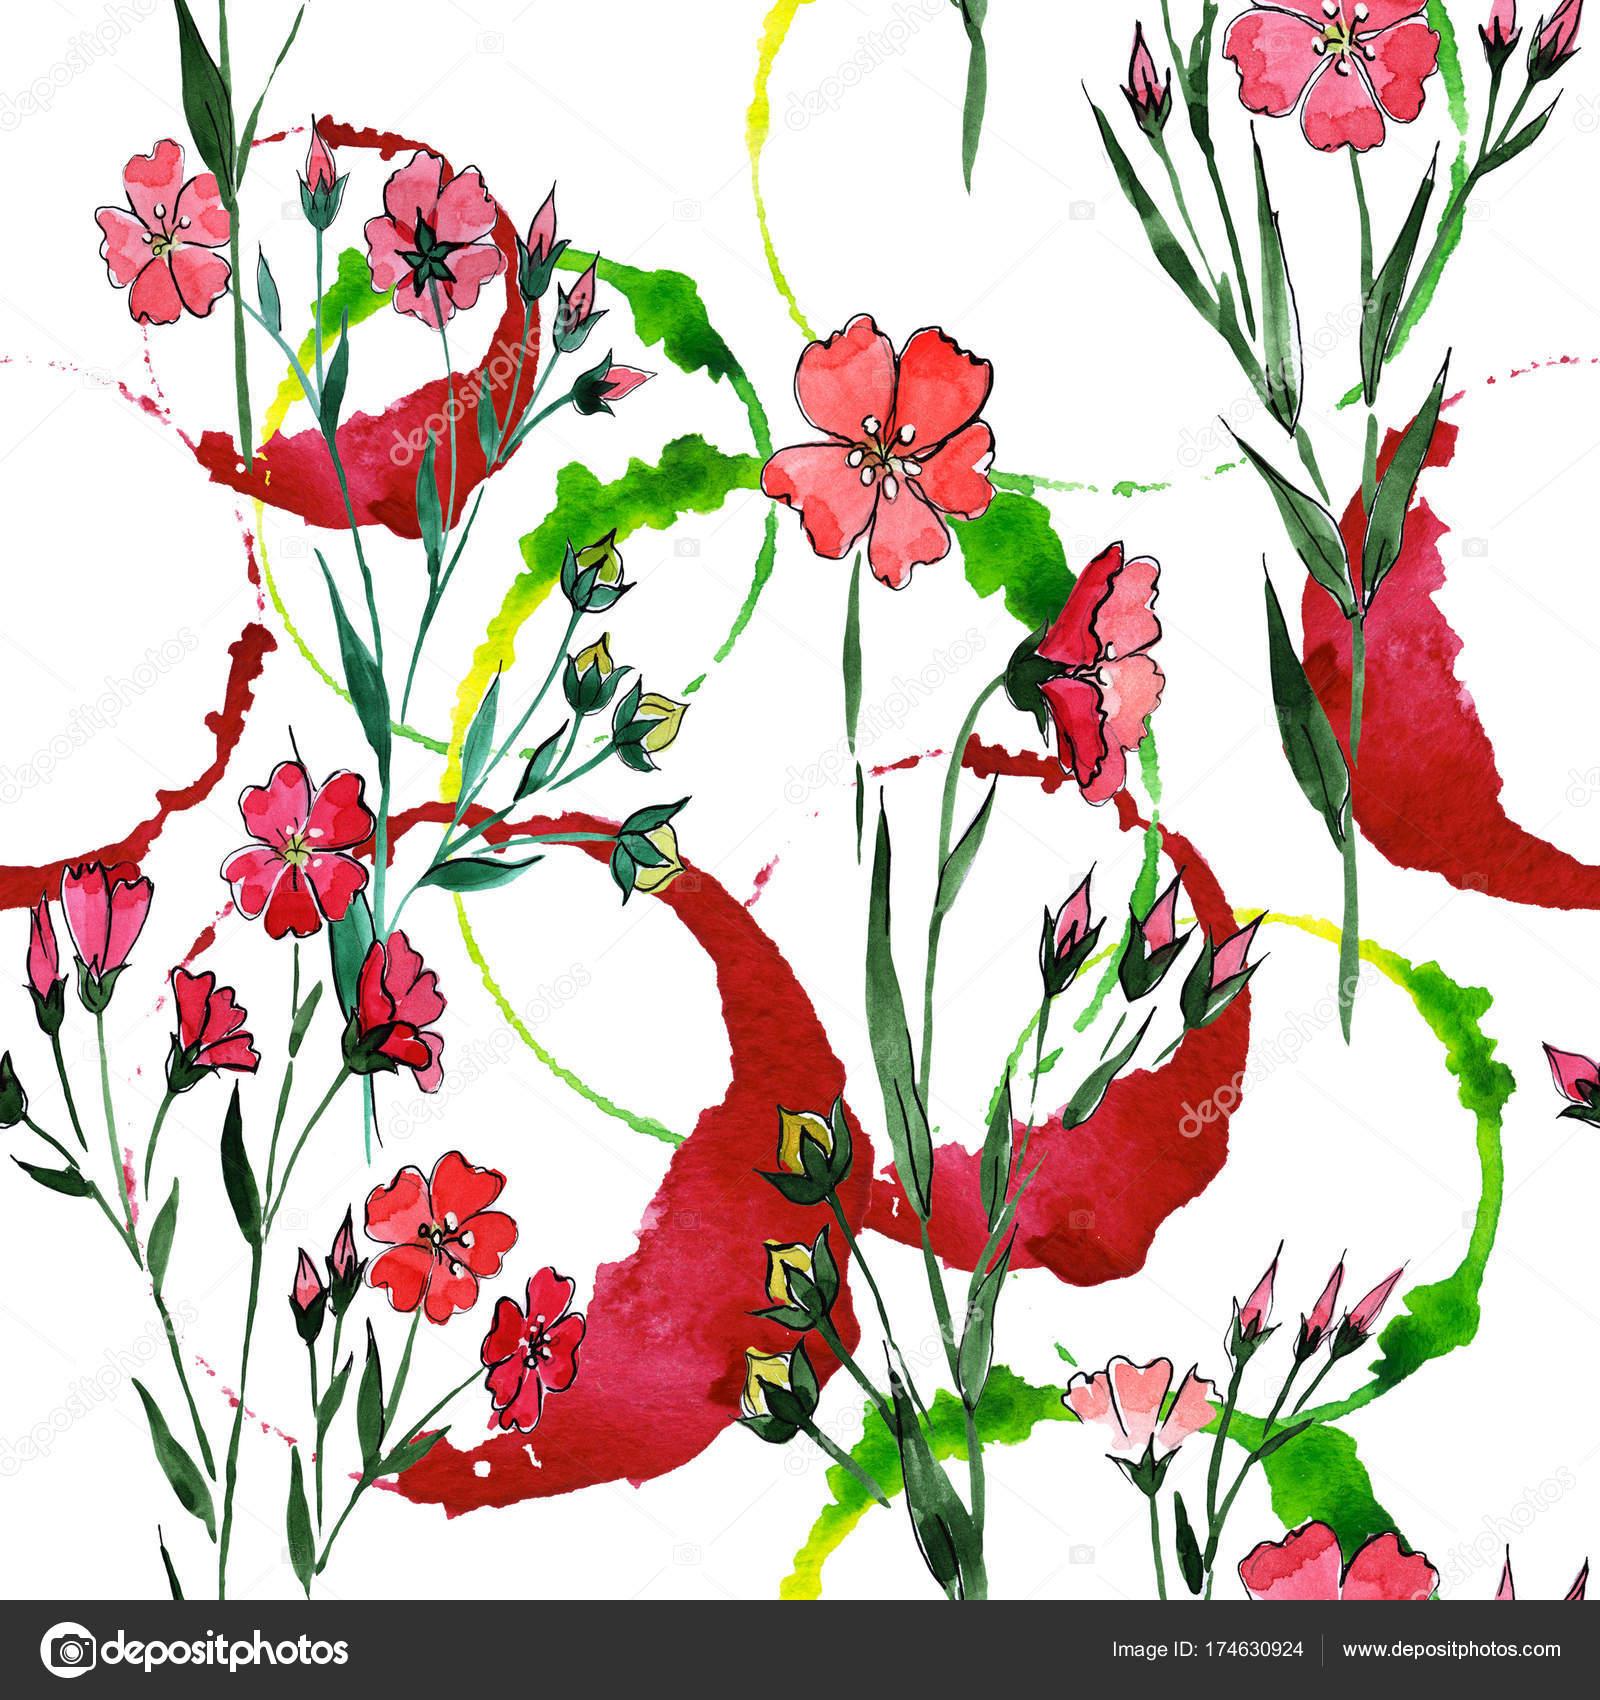 Modele De Fleur Lin De Fleurs Sauvages Dans Un Style Aquarelle